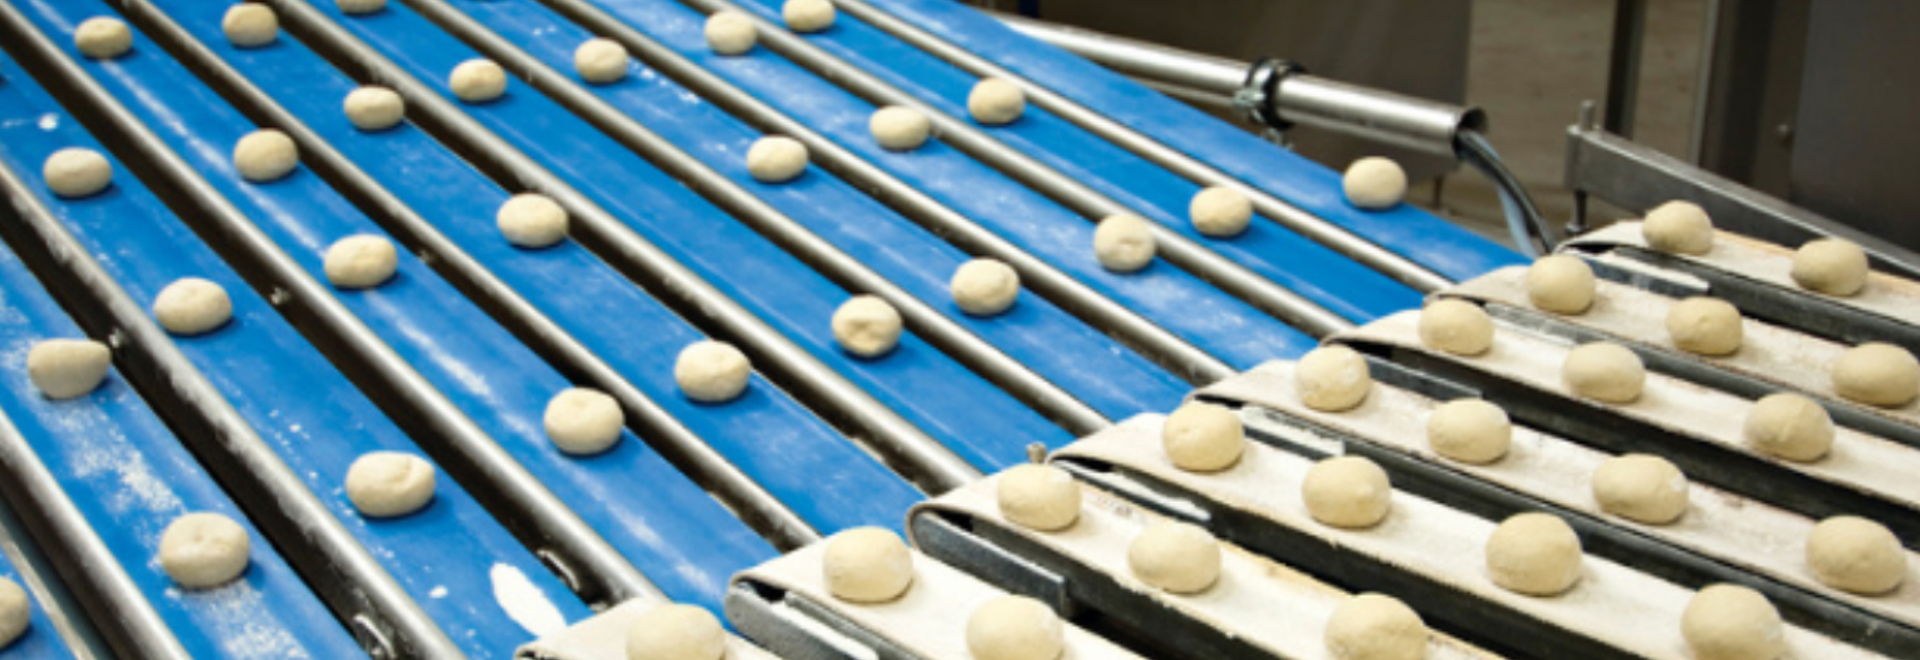 Wie Sie Ausrüstungsverzögerungen bei Ihrem nächsten Projekt im Bereich Lebensmittelanlagenbau vermeiden können